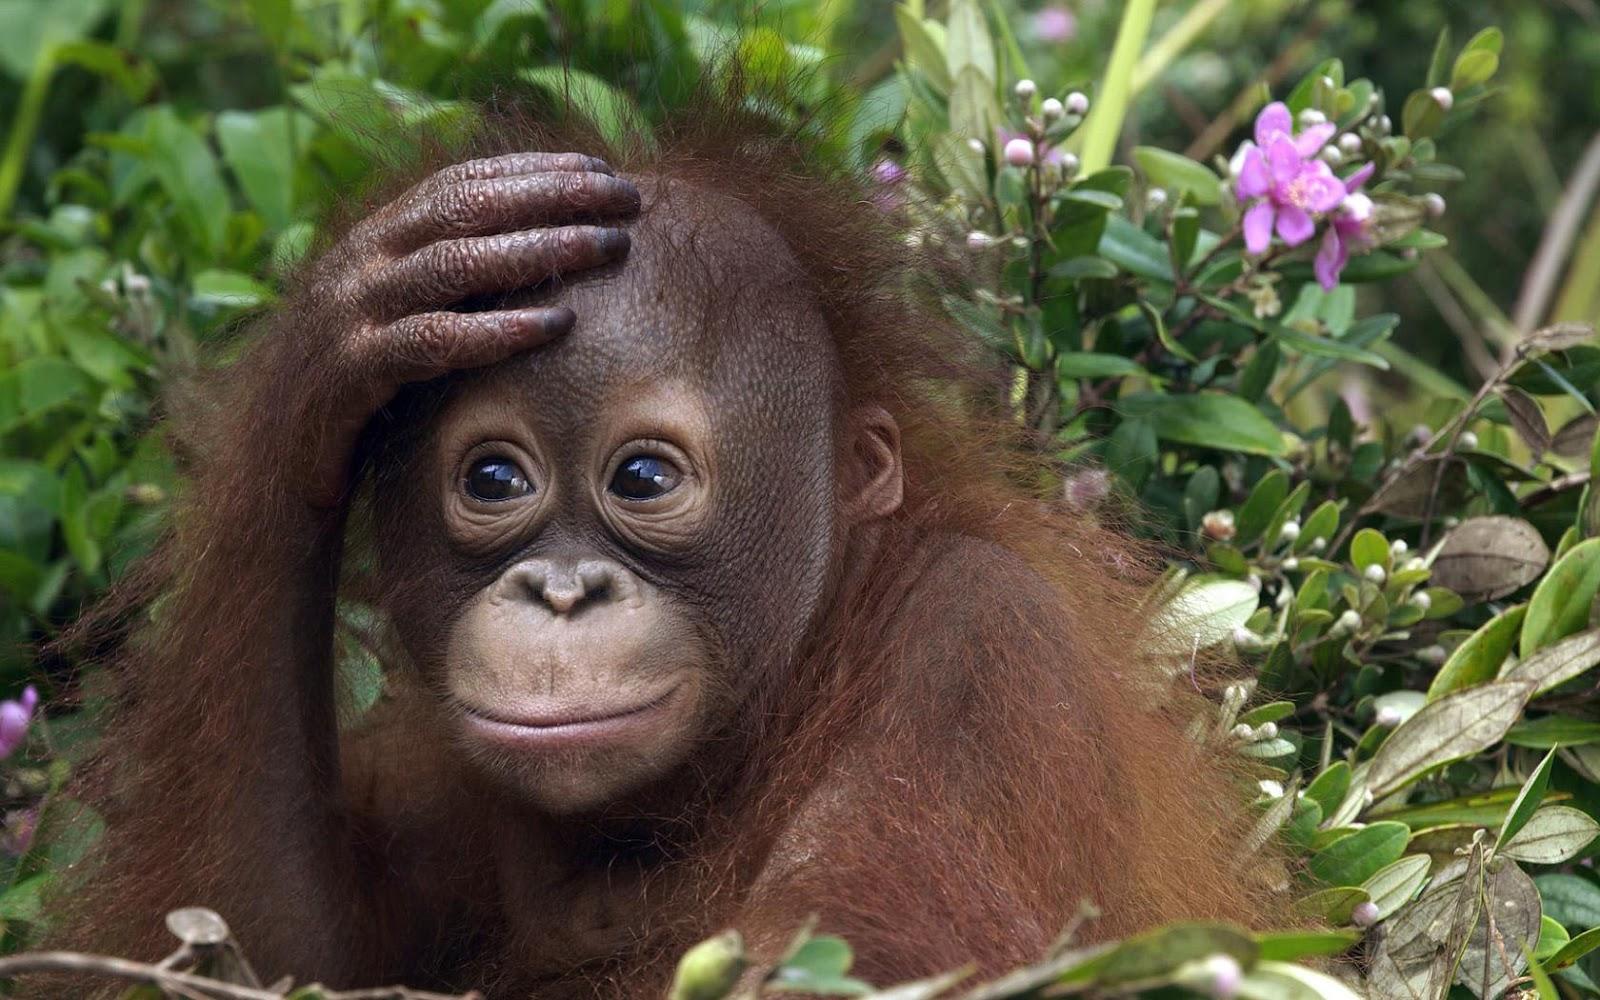 Прикольные обои на рабочий стол с обезьянами